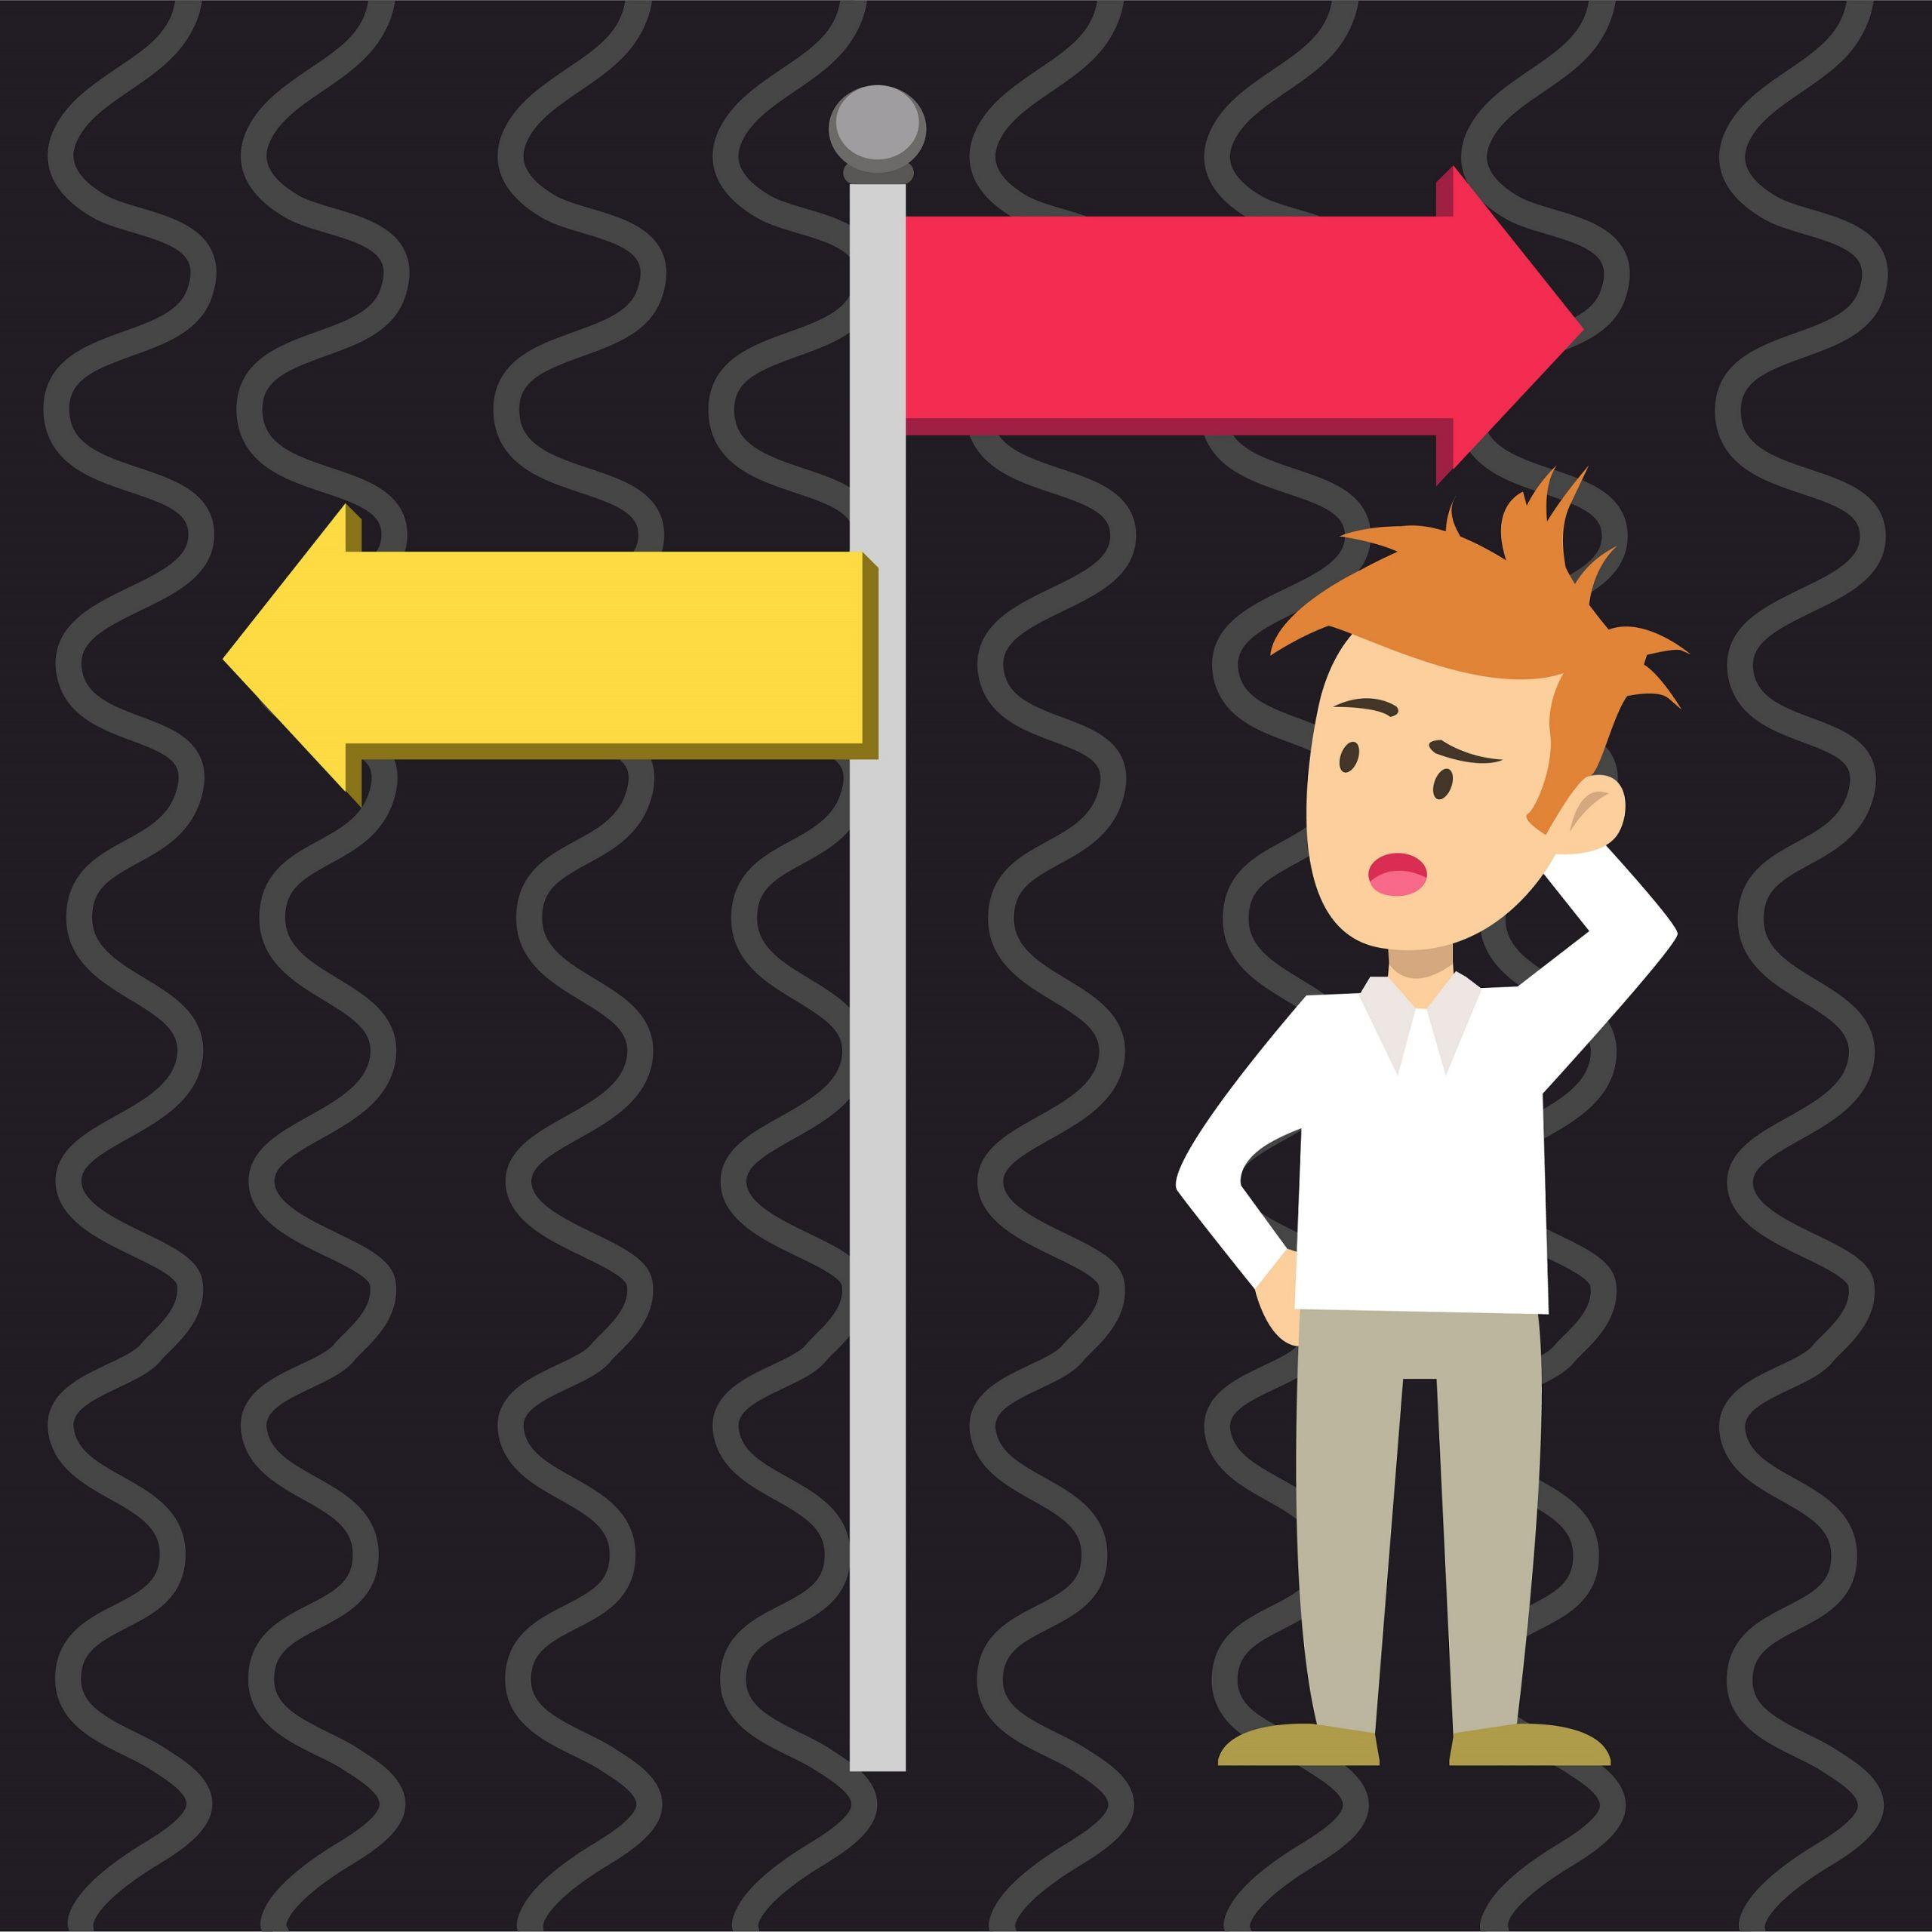 Eine Zeichnung von einem jungen Erwachsenen, der vor einer Kreuzung steht und sich fragend hinter den Hinterkopf fasst. Ein gelber Pfeil zeigt nach links und ein roter Pfeil zeigt nach rechts.